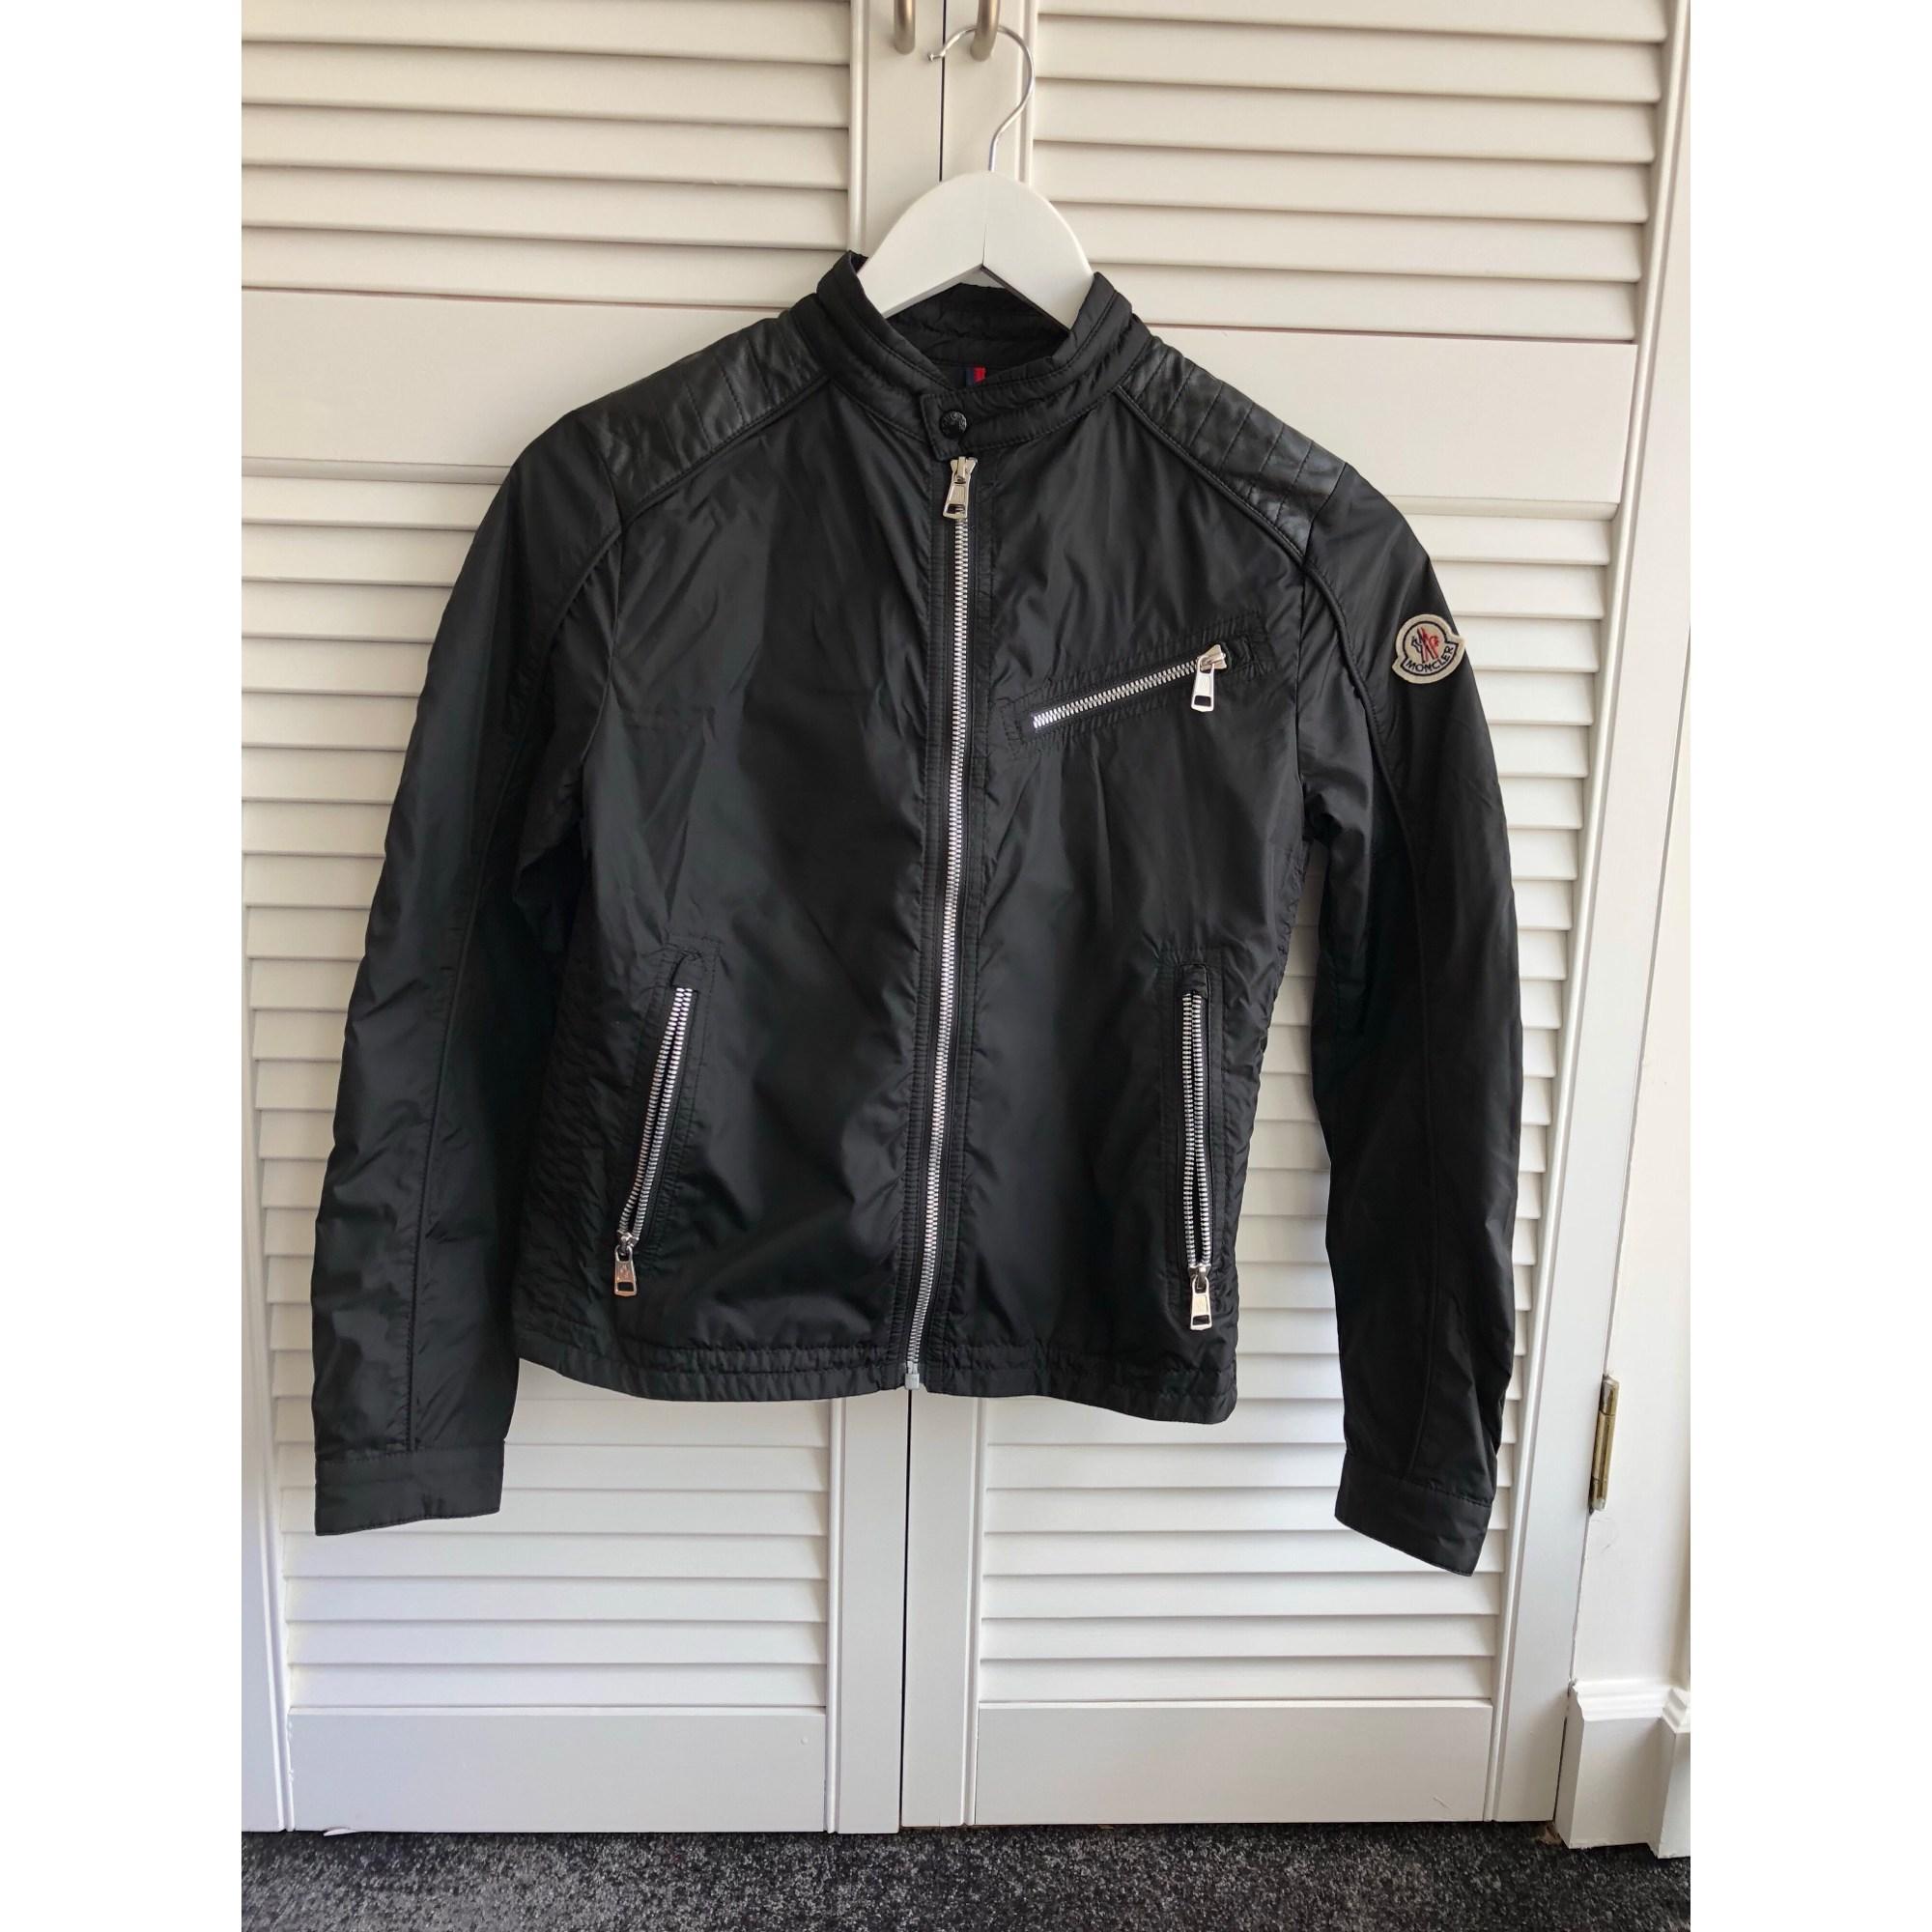 Veste MONCLER 13-14 ans noir vendu par Dominicavika - 7976005 29333fa5077